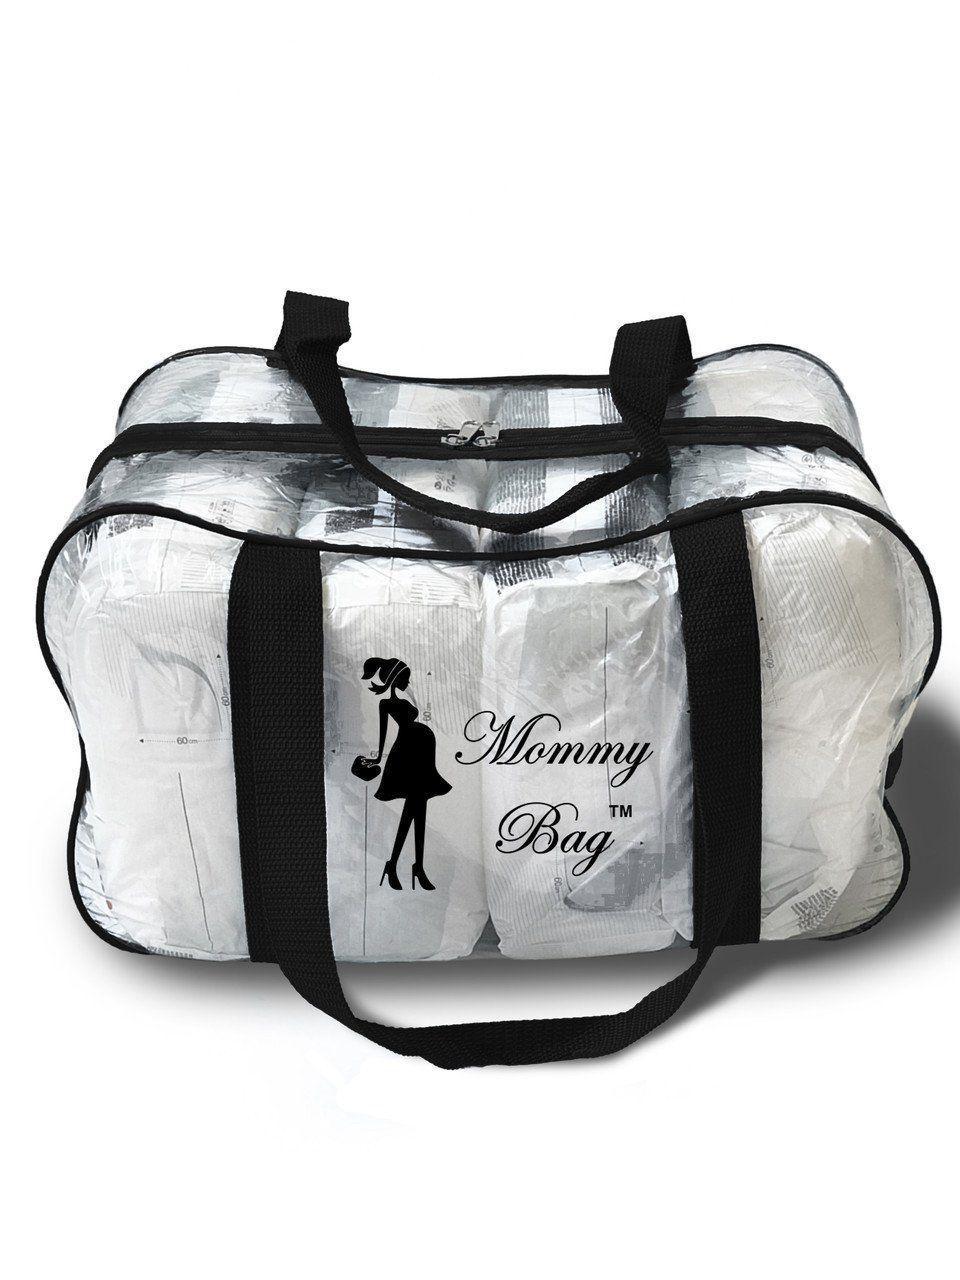 Сумка прозрачная в роддом Mommy Bag, размер - M, цвет - Черный